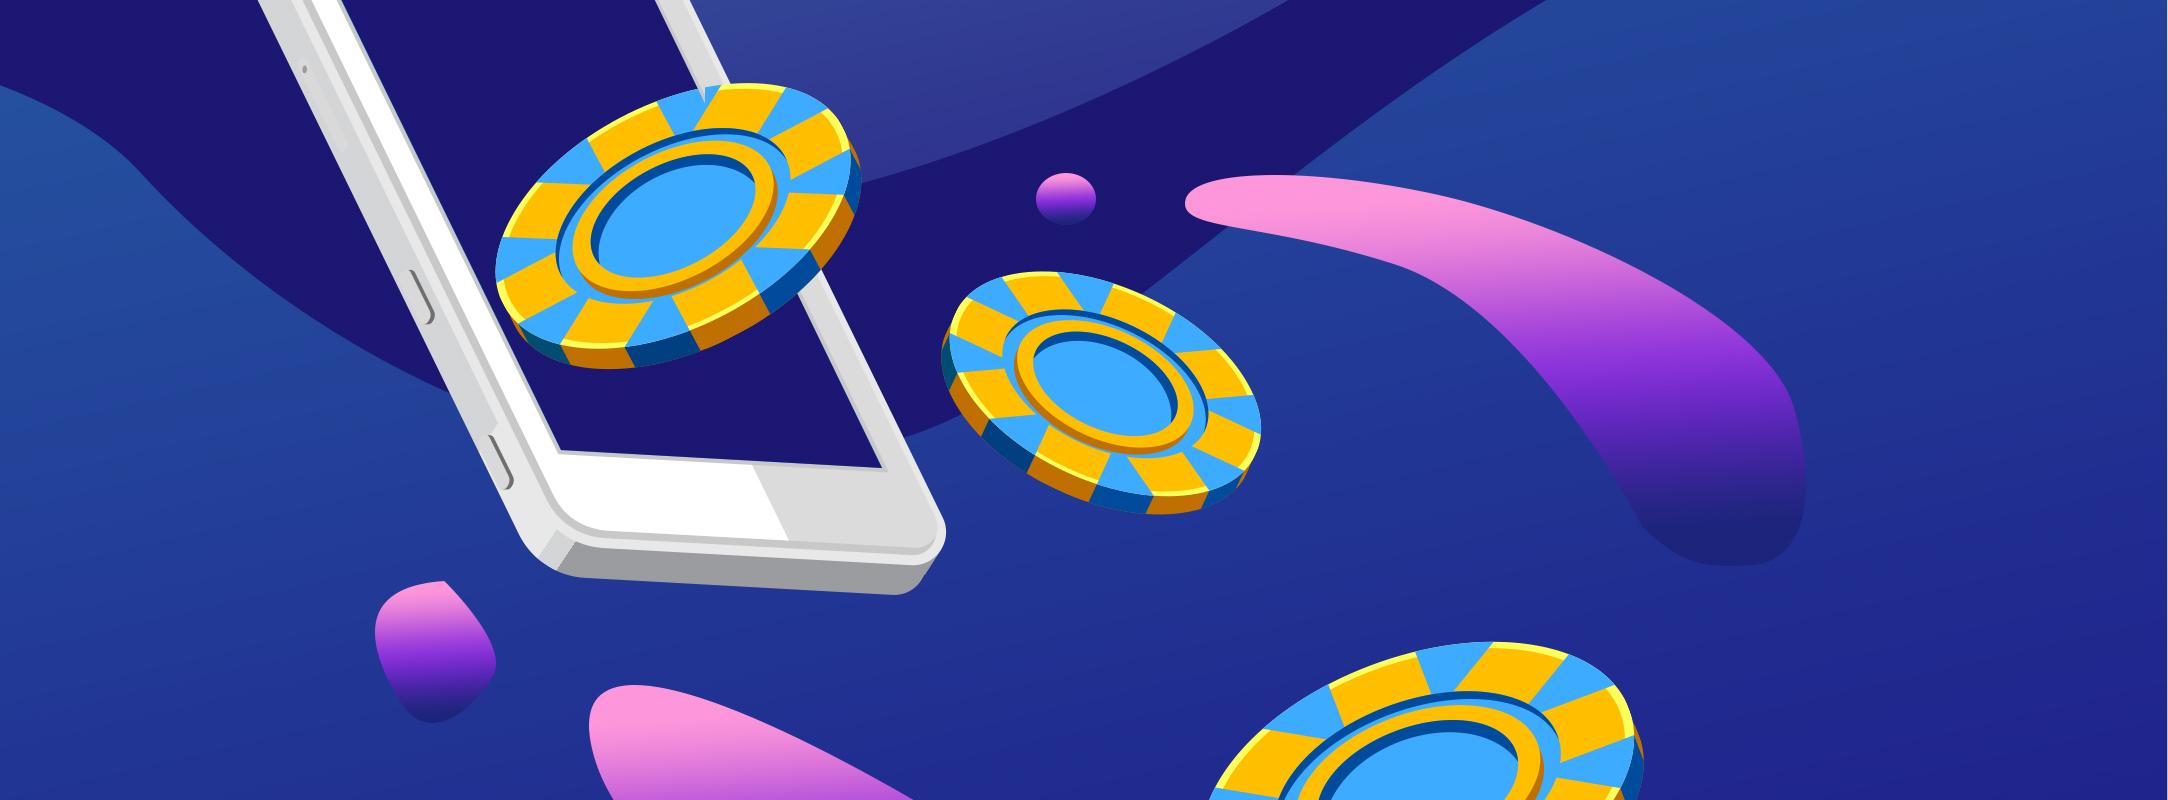 De beste casinoappene i 2020 - Norway CasinoTop Banner 04